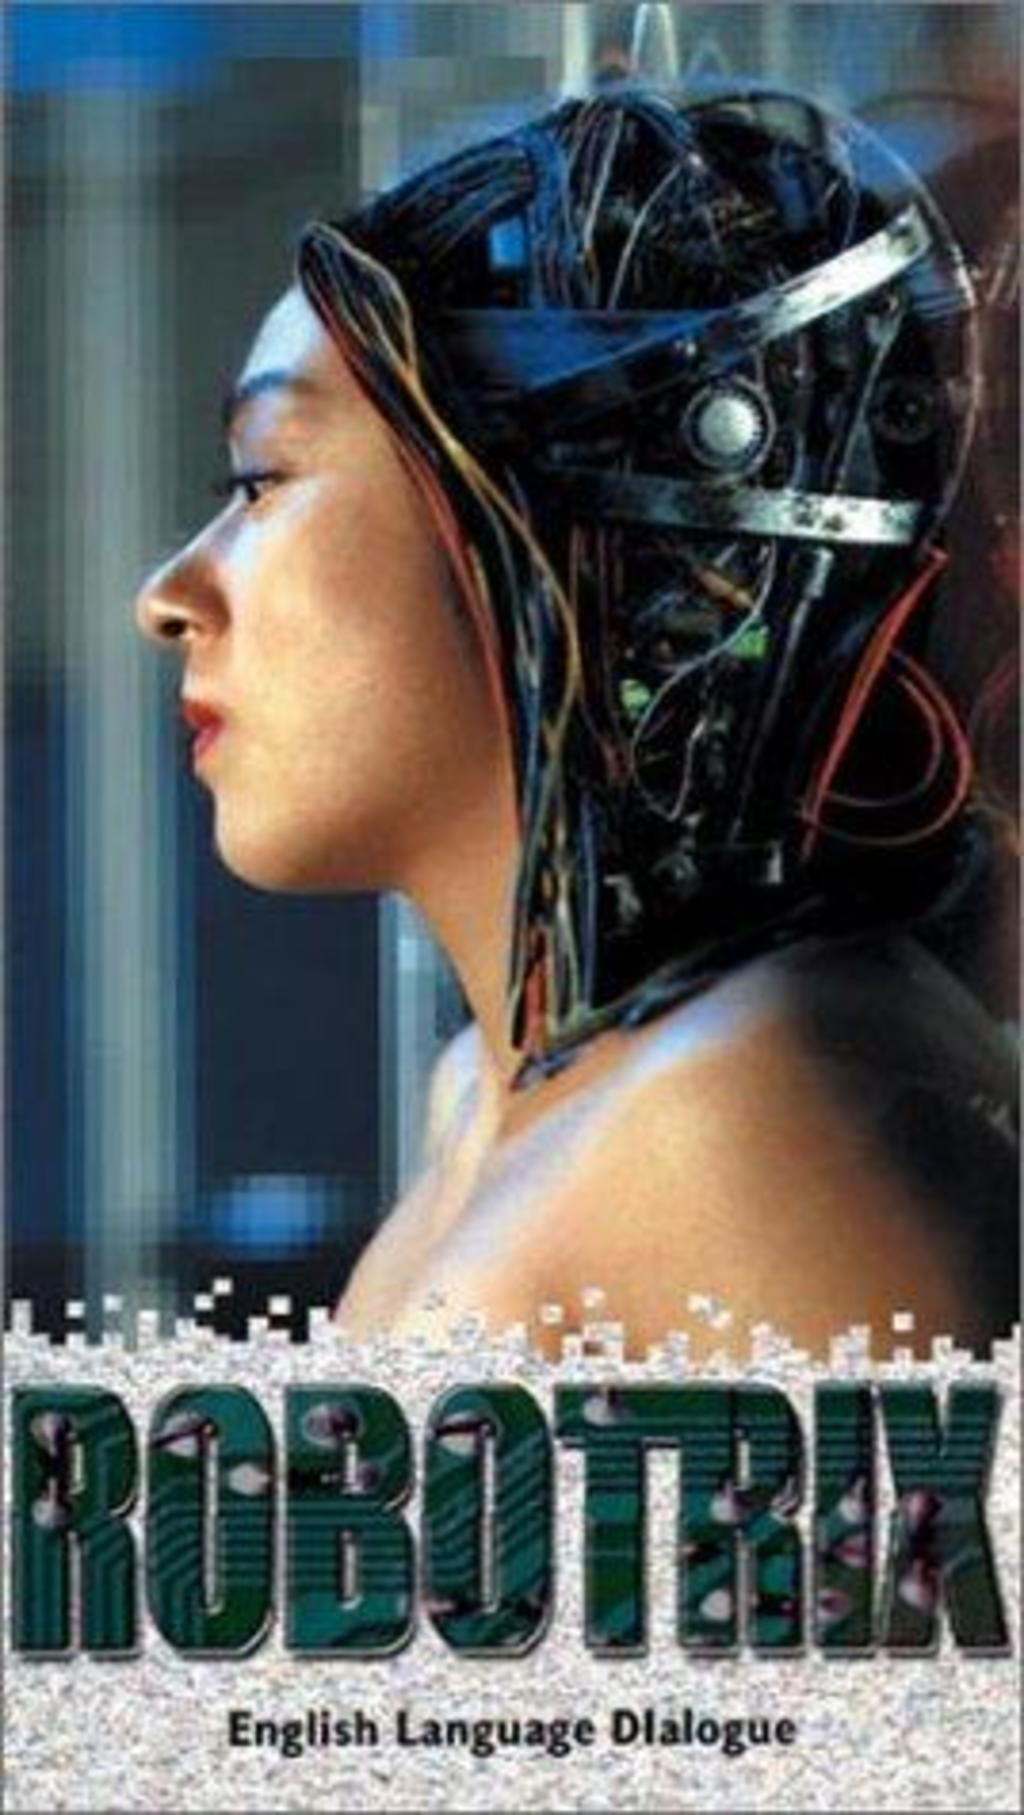 Watch Robotrix on Netflix Today! | NetflixMovies.com Drive Movie Stills